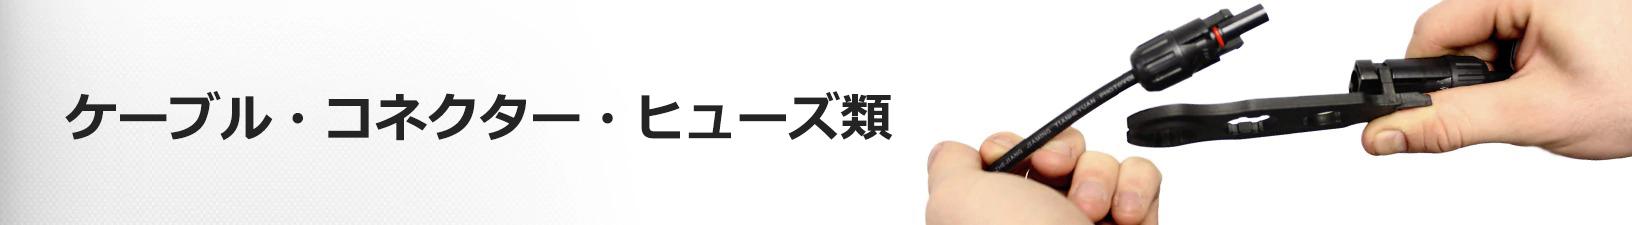 ケーブル・コネクター・ヒューズ類